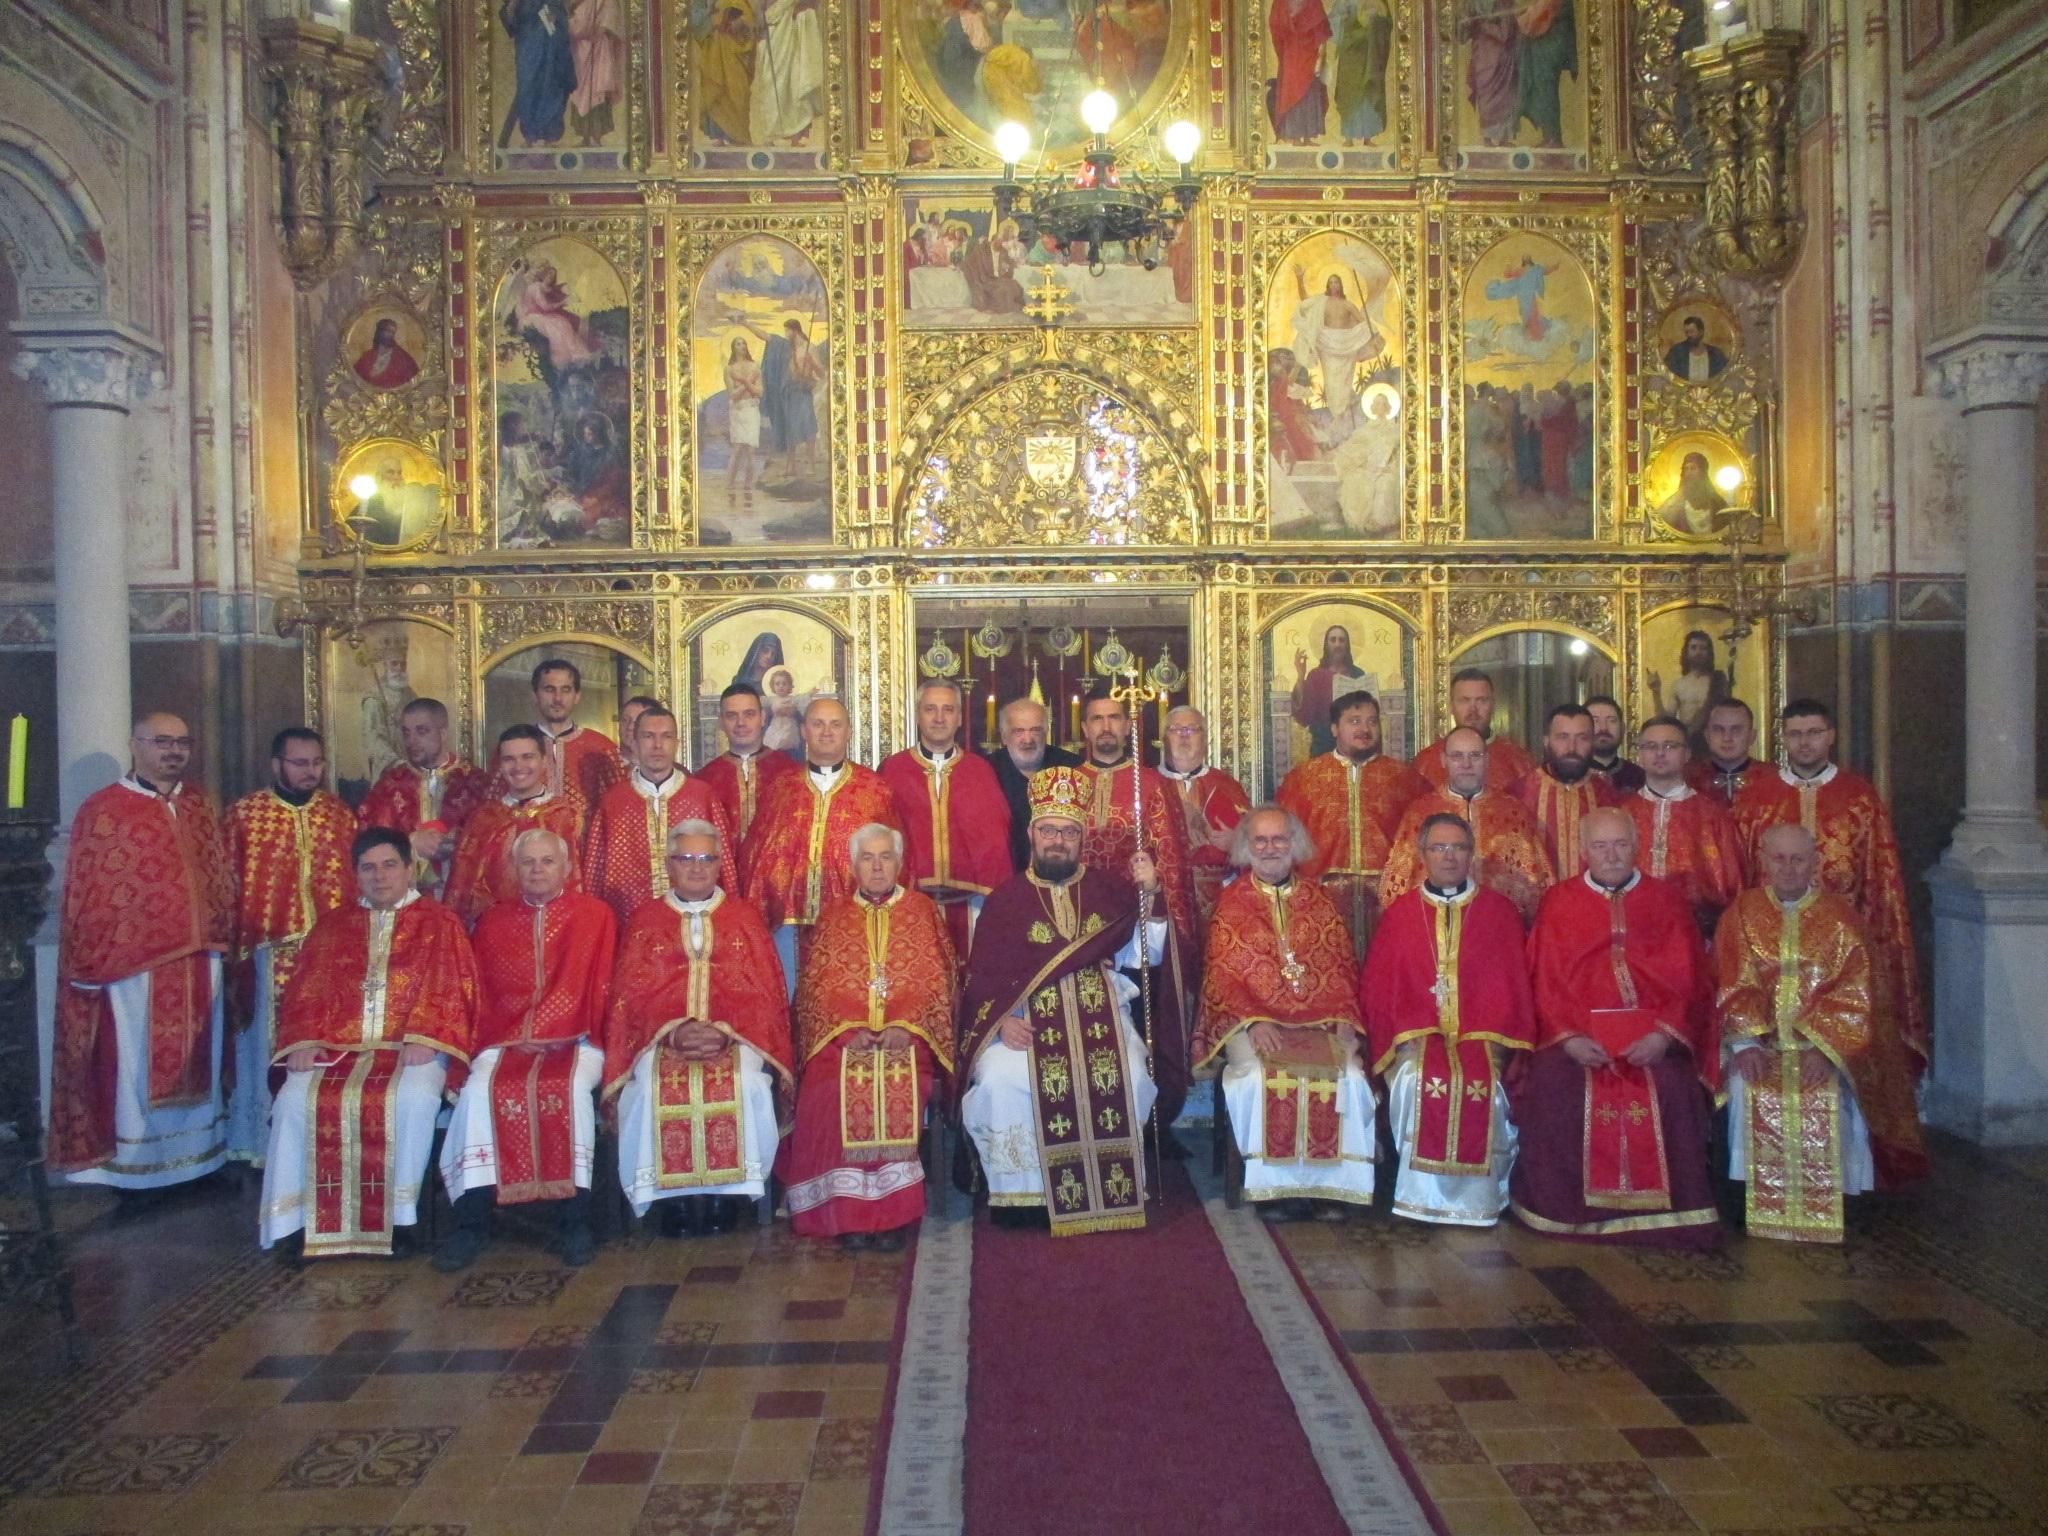 Svećenici Križevačke eparhije sa svojim ordinarijem na Veliki četvrtak u katedrali slavili liturgiju